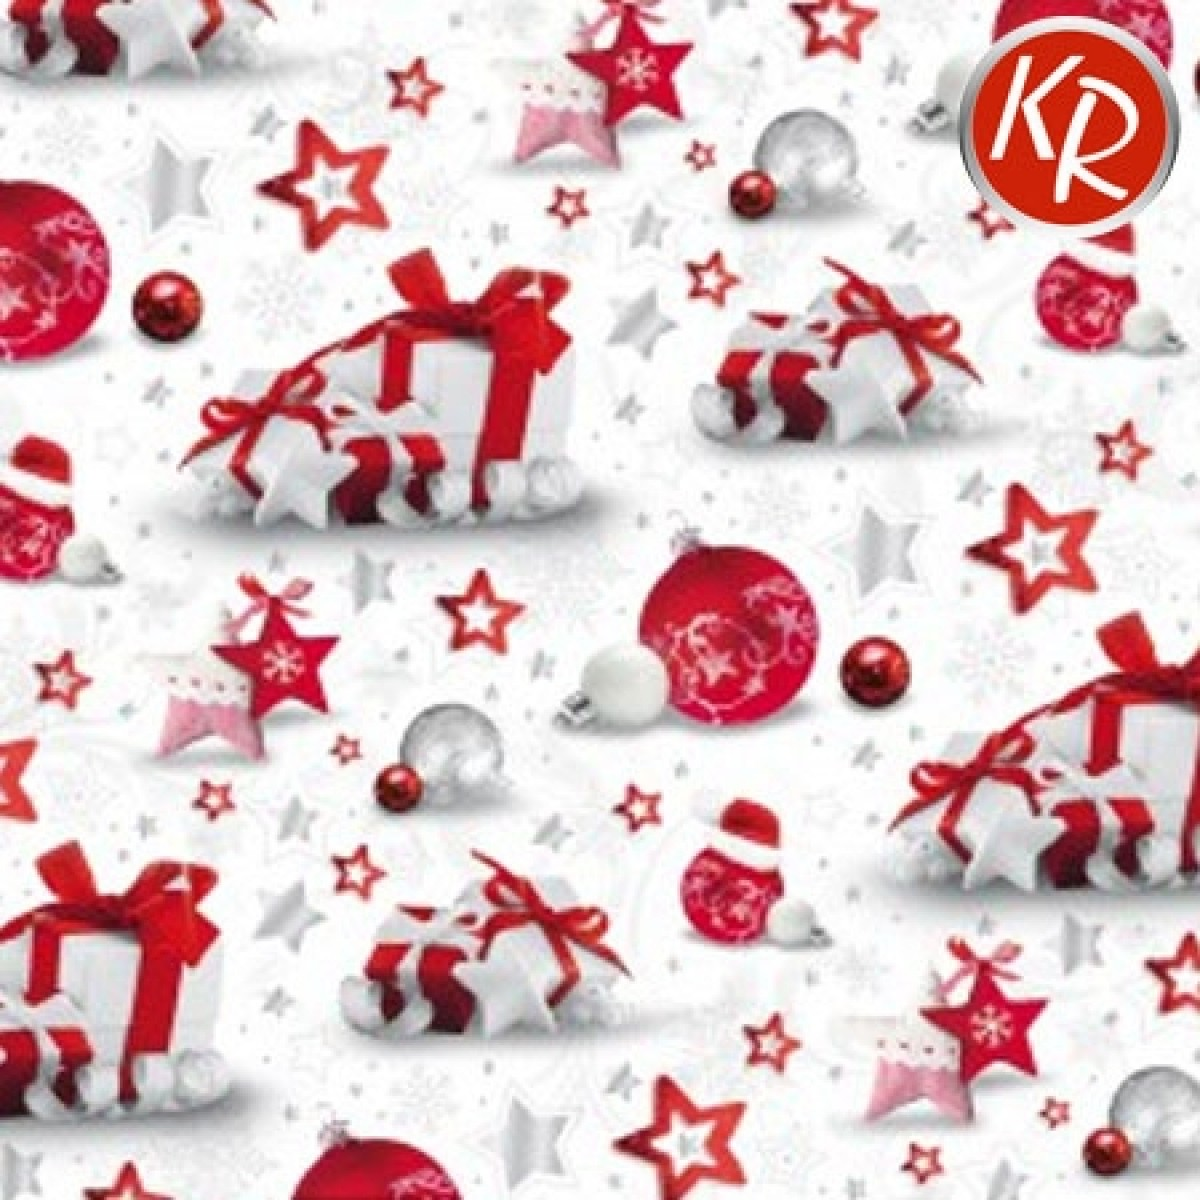 Geschenkpapier Weihnachten.Geschenkpapier Weihnachten Rot Weiß Kugeln Und Sterne 70 0063